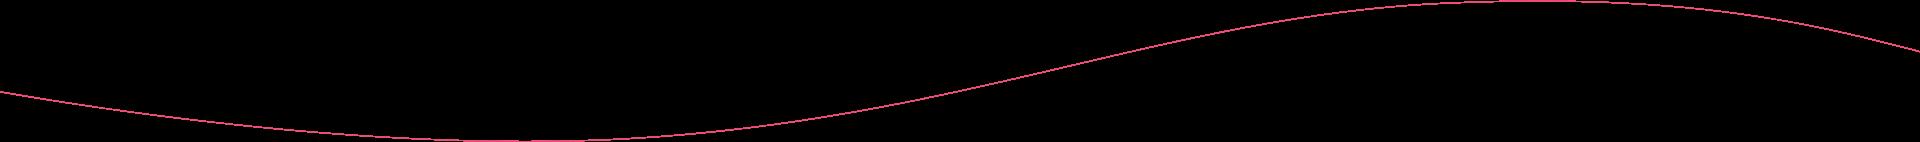 Linha 3